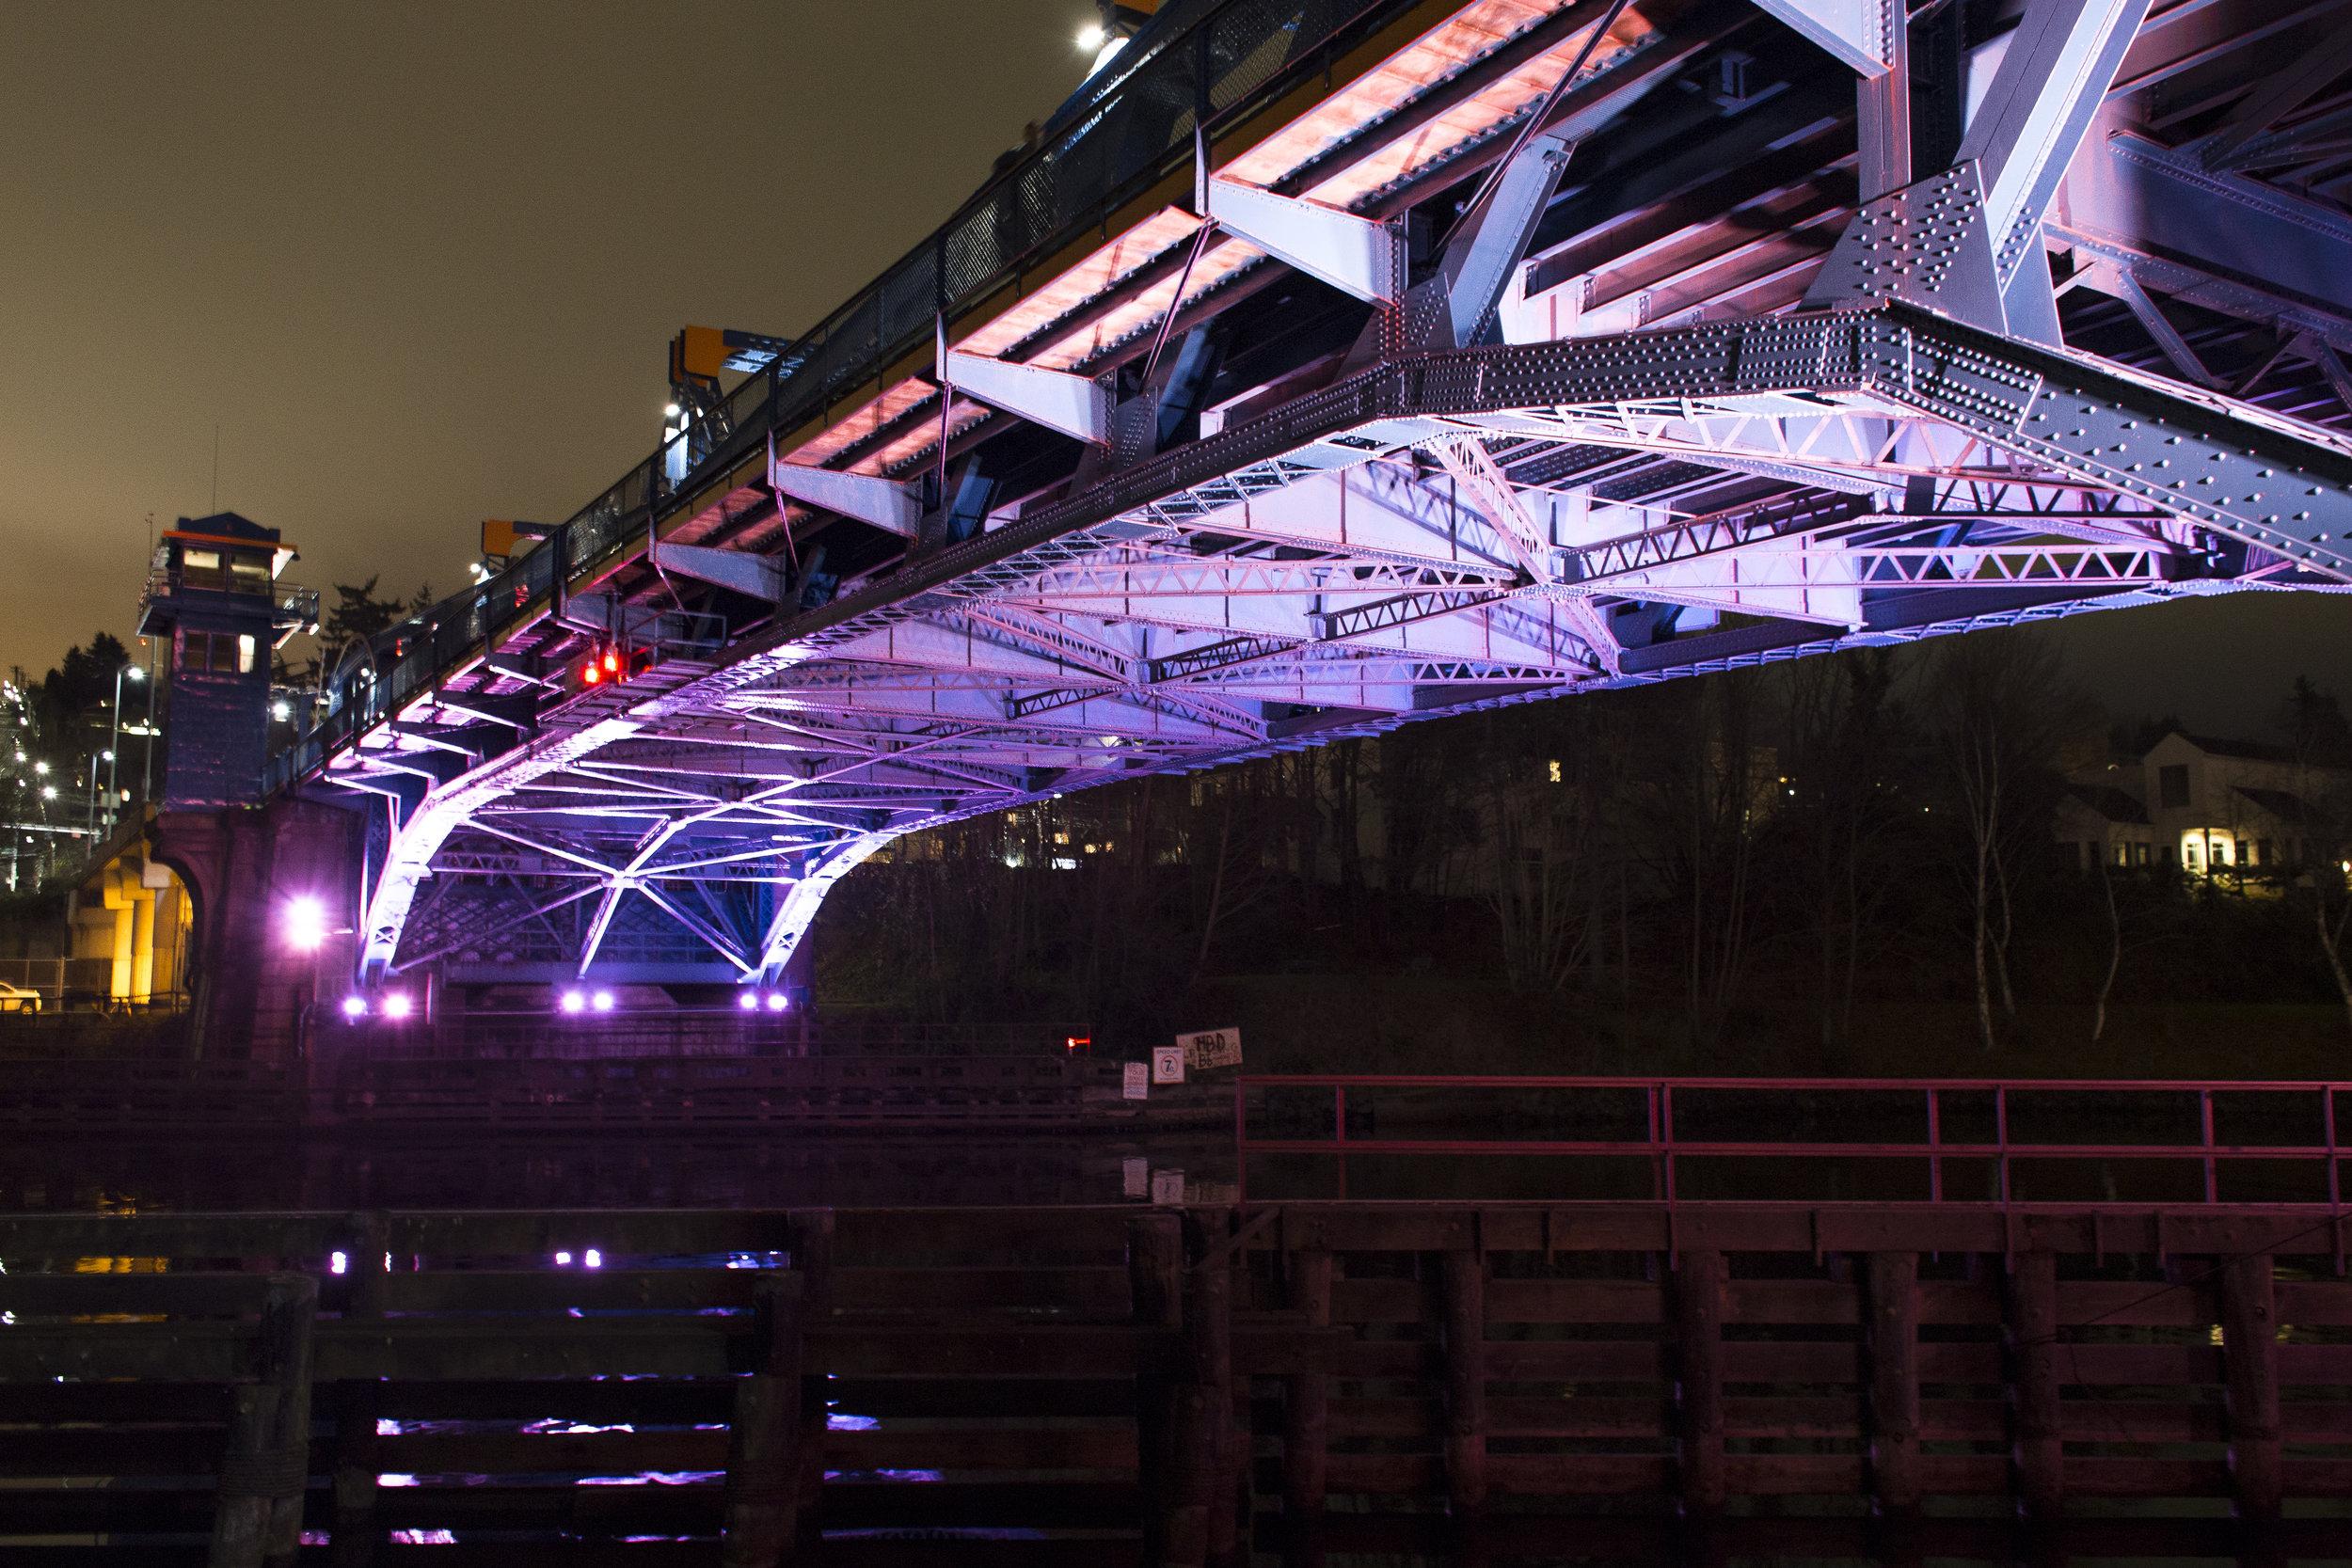 fremont-bridge-lighting_40121928002_o.jpg